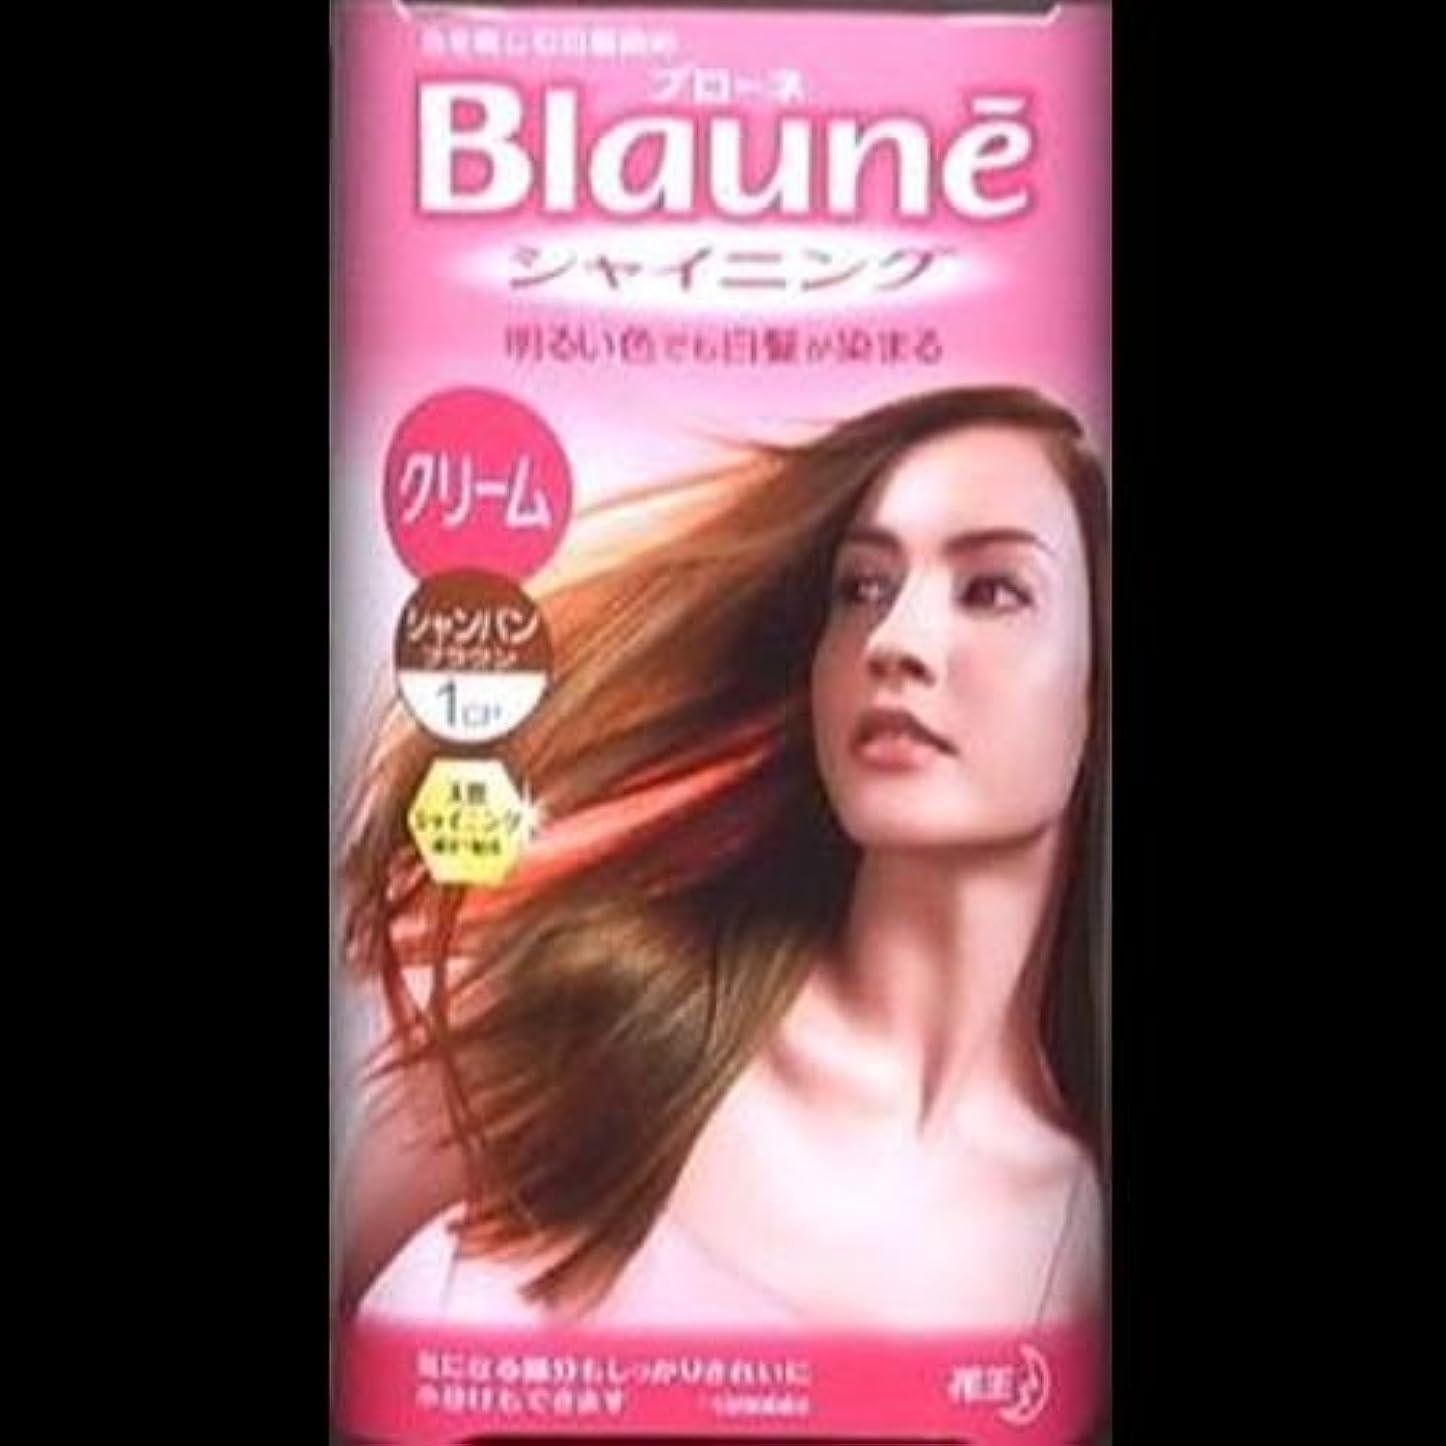 【まとめ買い】ブローネシャイニングヘアカラークリーム 1CP シャンパンブラウン ×2セット